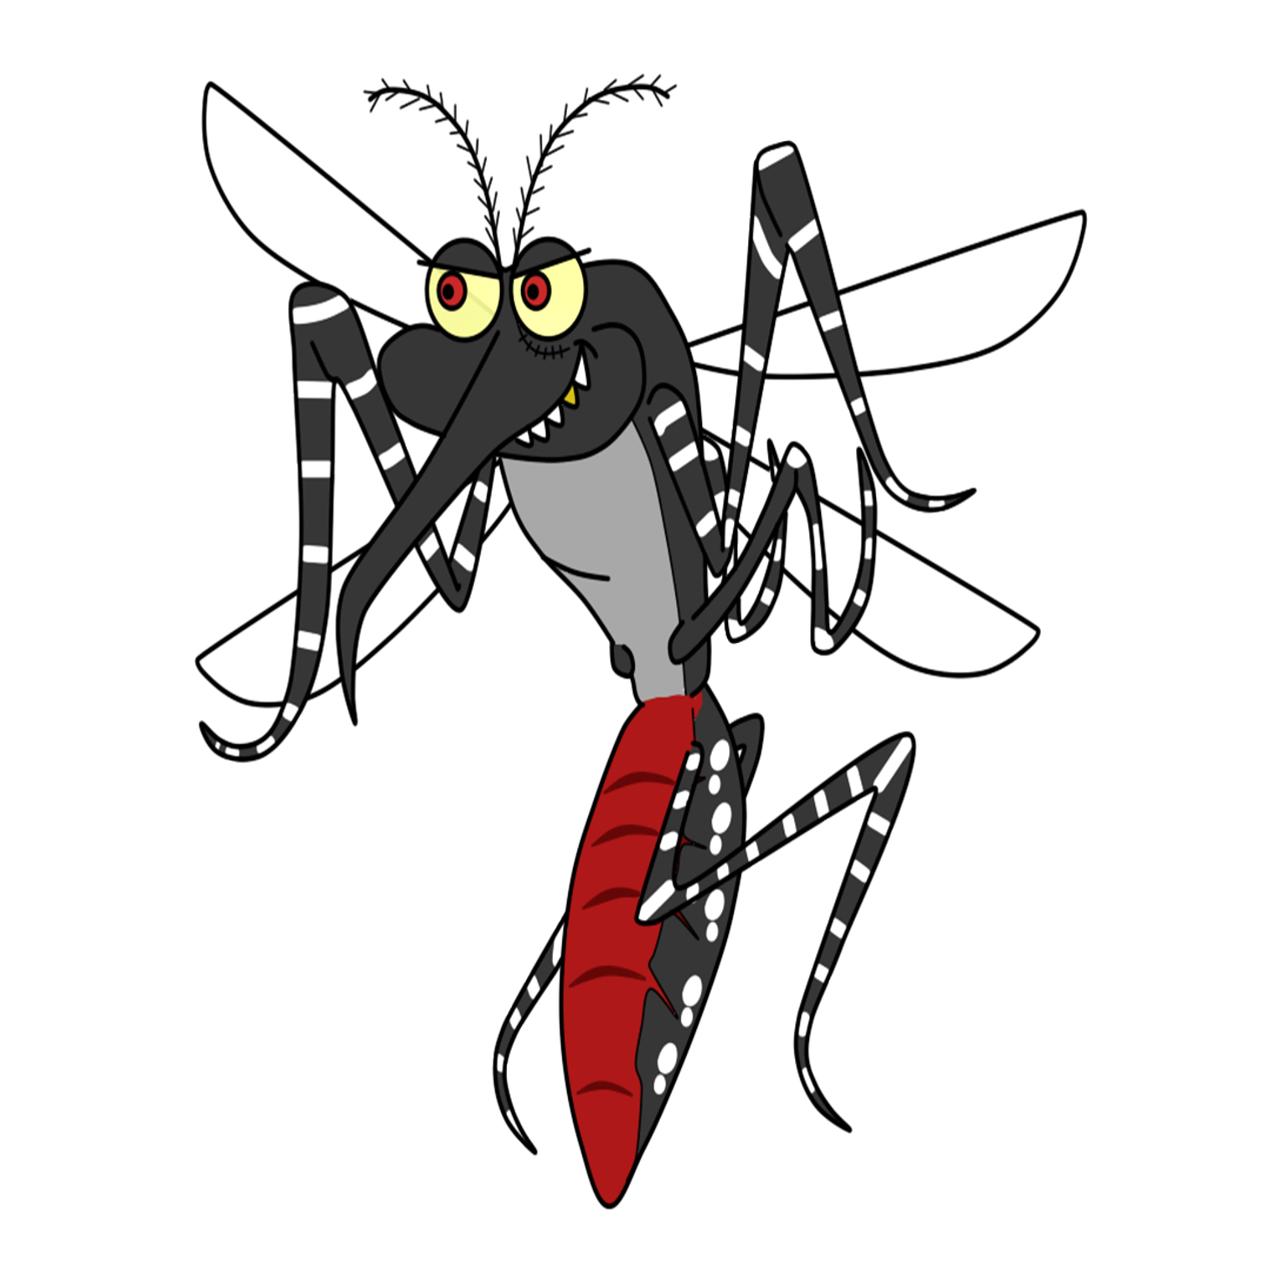 【蚊が血を吸った後】どこで何をしている!?血を吸う理由や回数&吸いすぎた蚊は死ぬ?